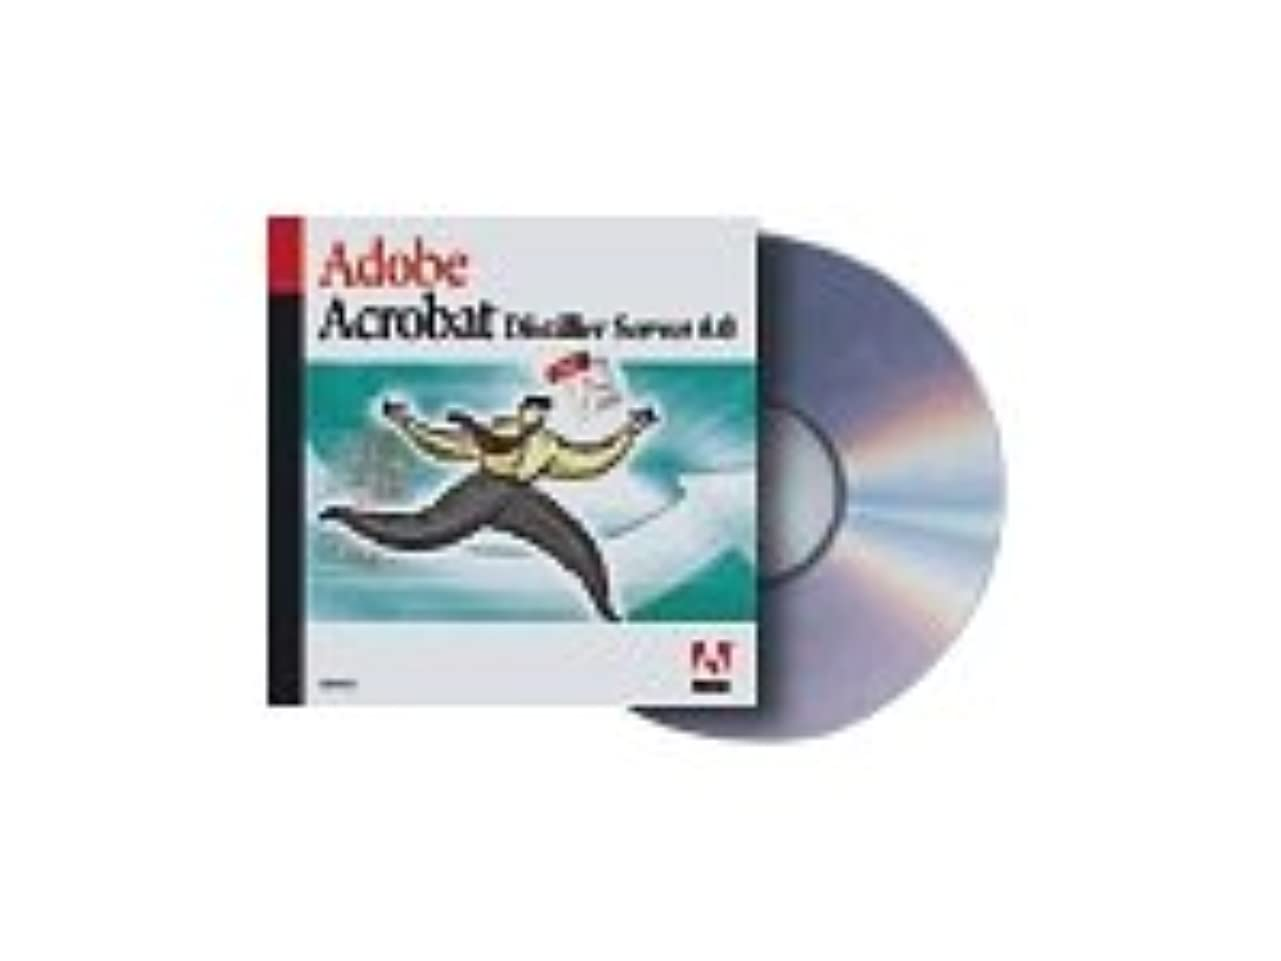 自然腐った与えるAdobe Acrobat Distiller Server 6.0 英語版 無制限数版 for Linux